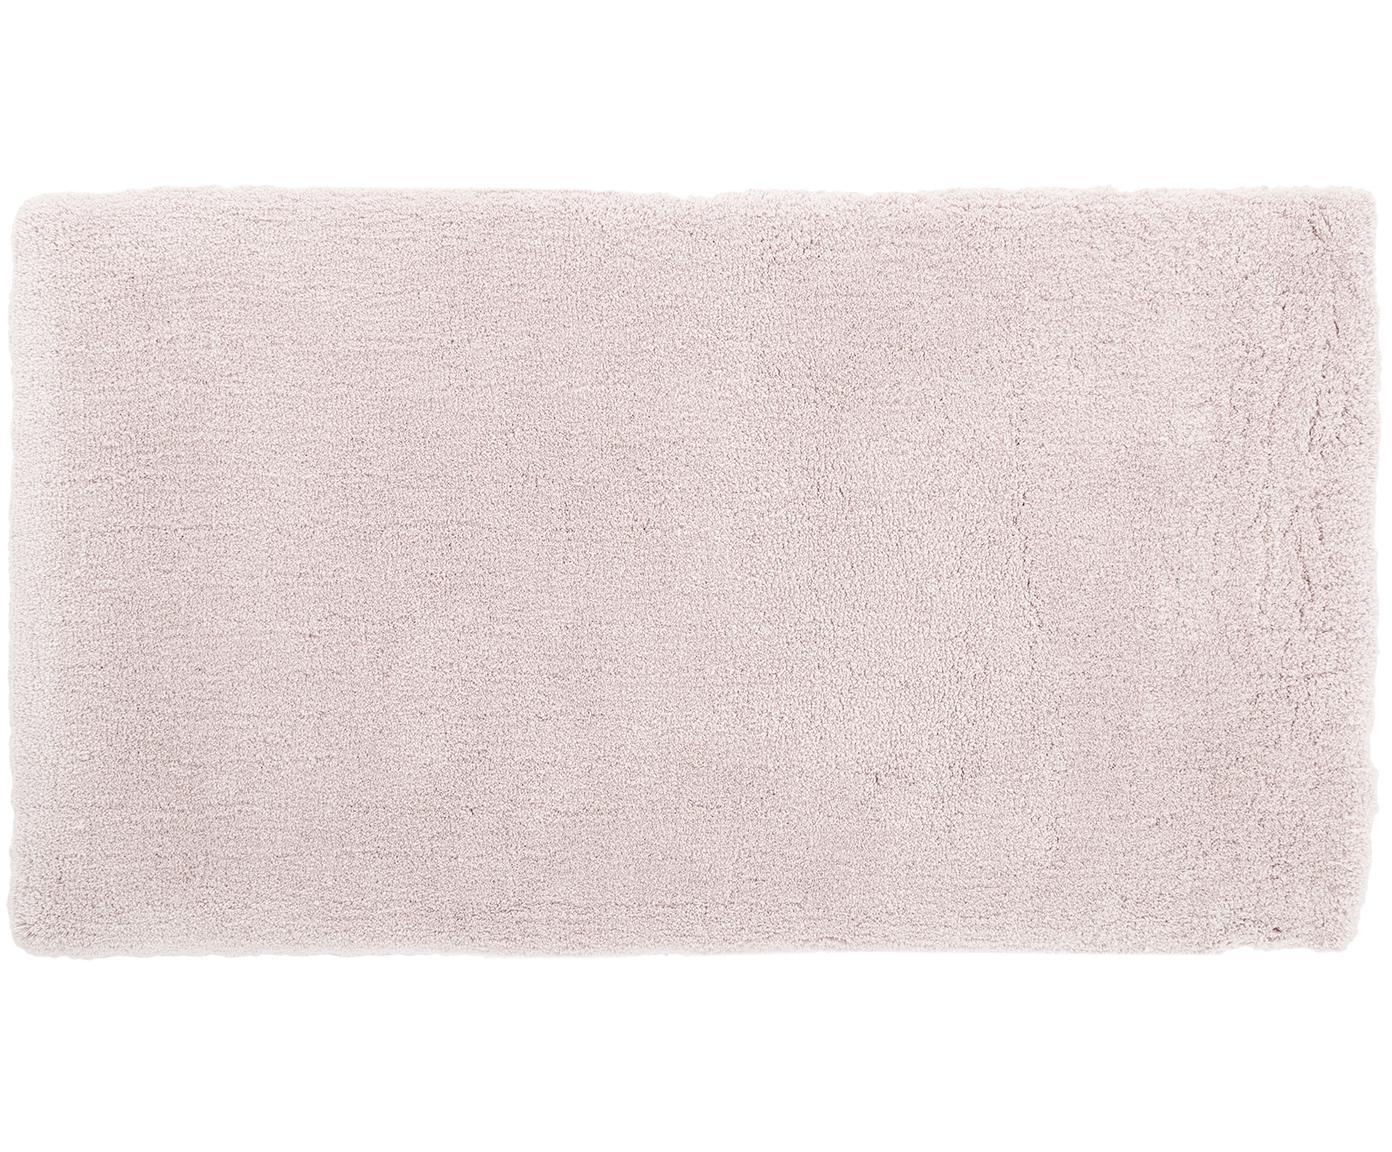 Tappeto peloso morbido rosa Leighton, Retro: 100% poliestere, Rosa, Larg. 80 x Lung. 150 cm (taglia XS)